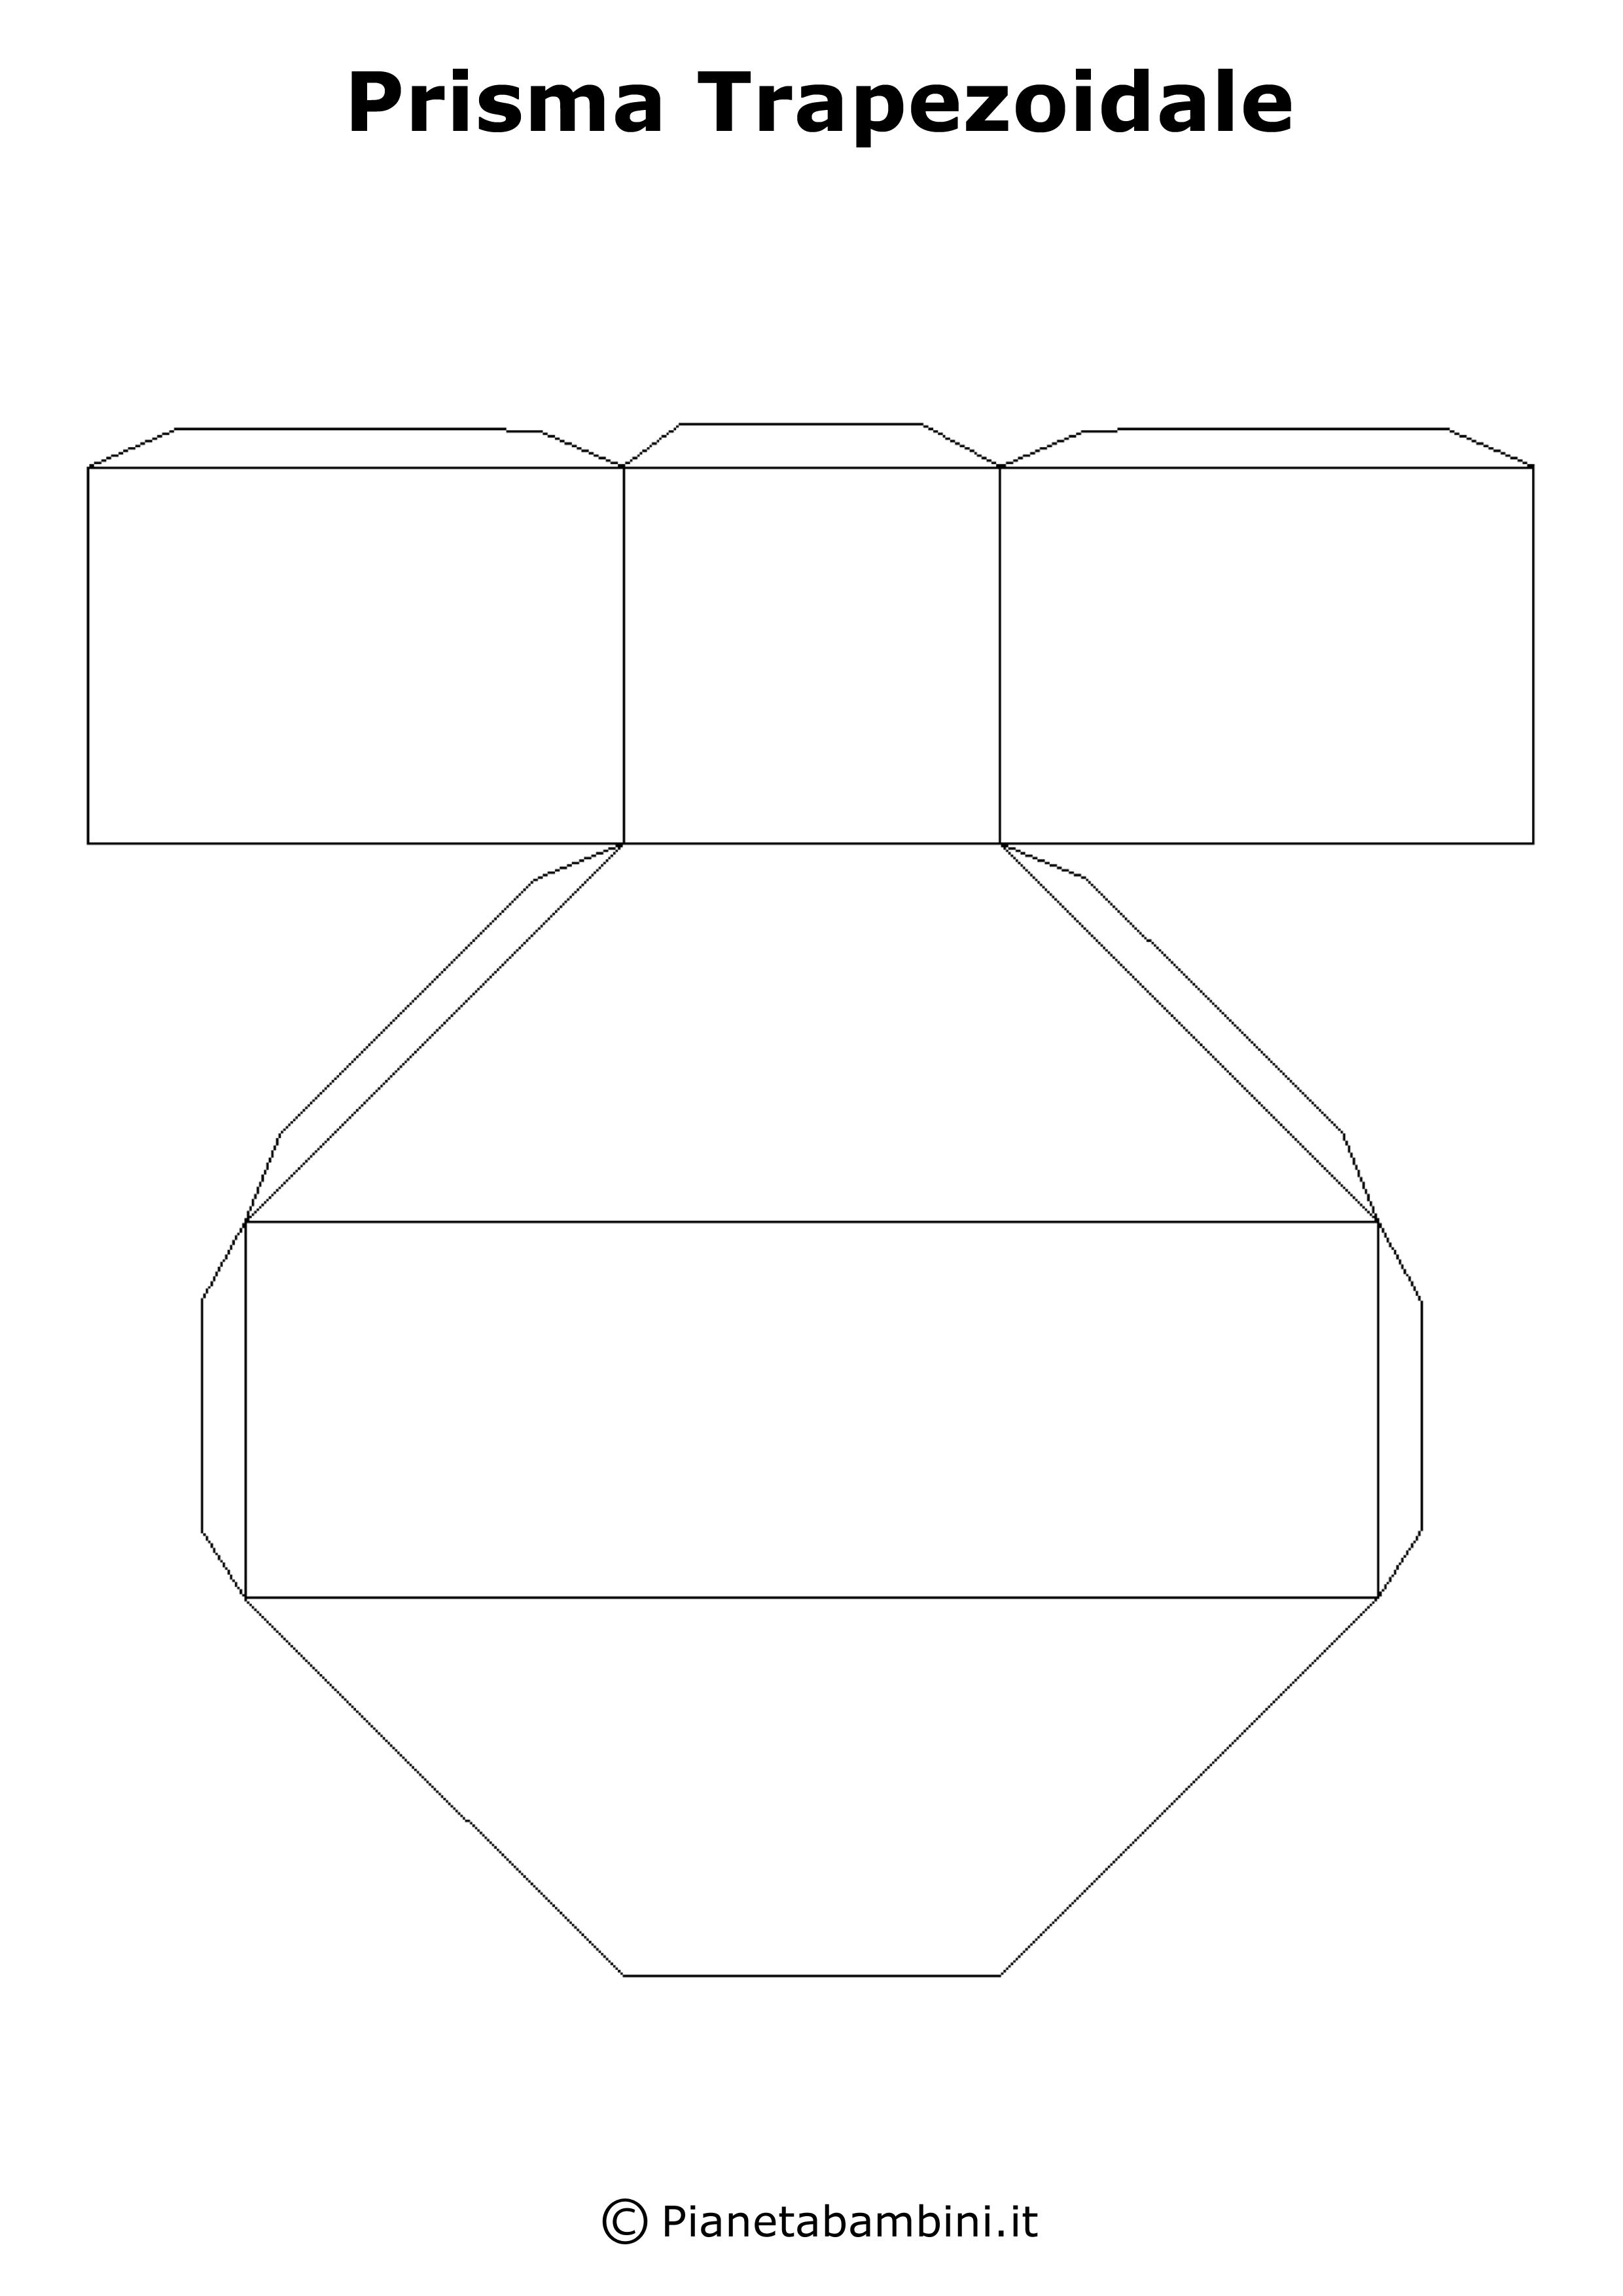 Prisma trapezoidale